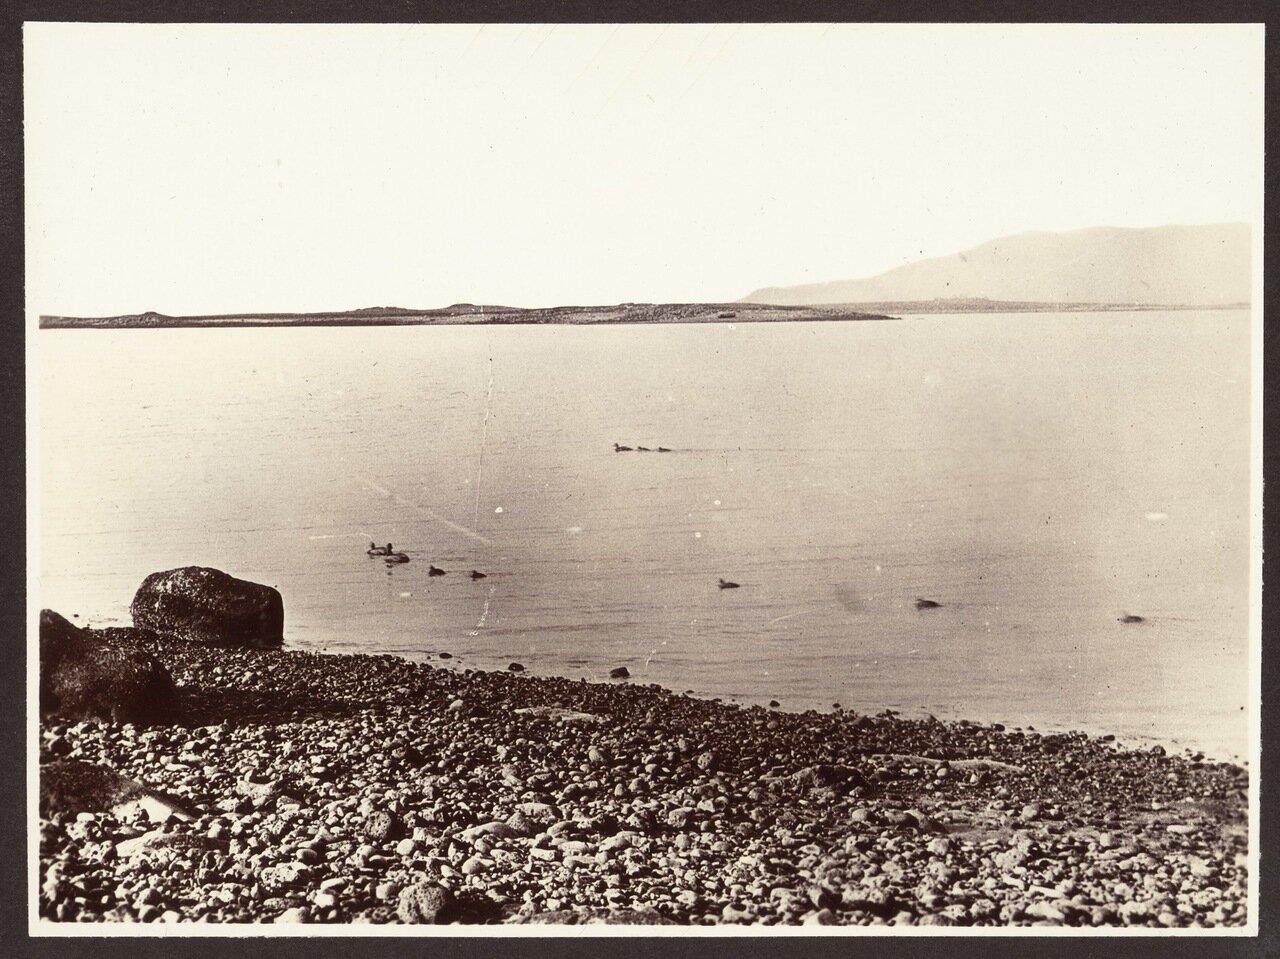 Залив Рейкьявика. Гаги обыкновенные